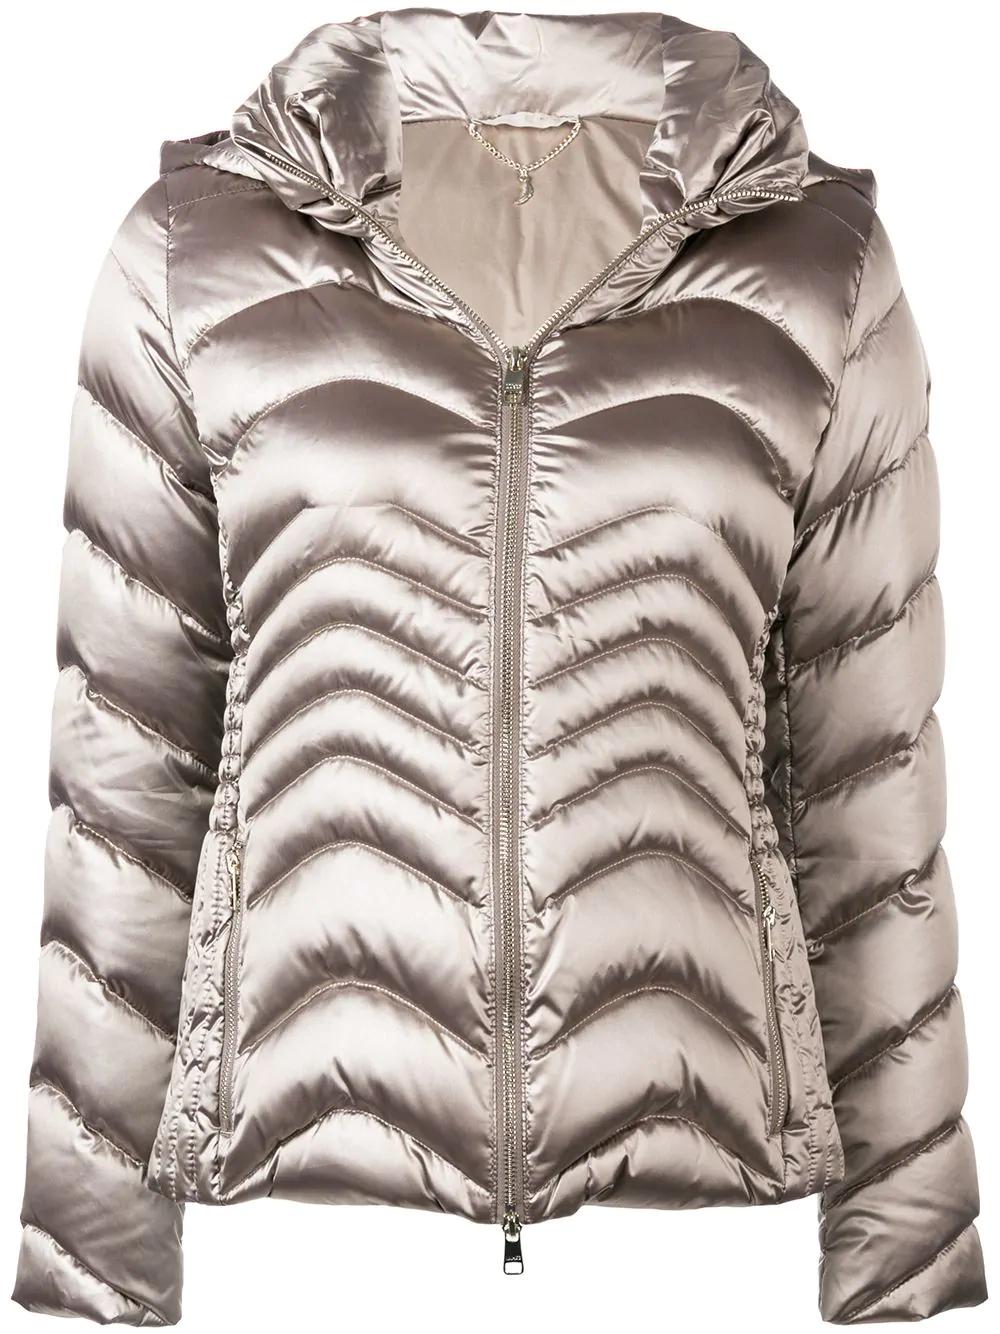 fb06222741 Liu •Jo Liu Jo Satin Puffer Jacket - Neutrals | ModeSens